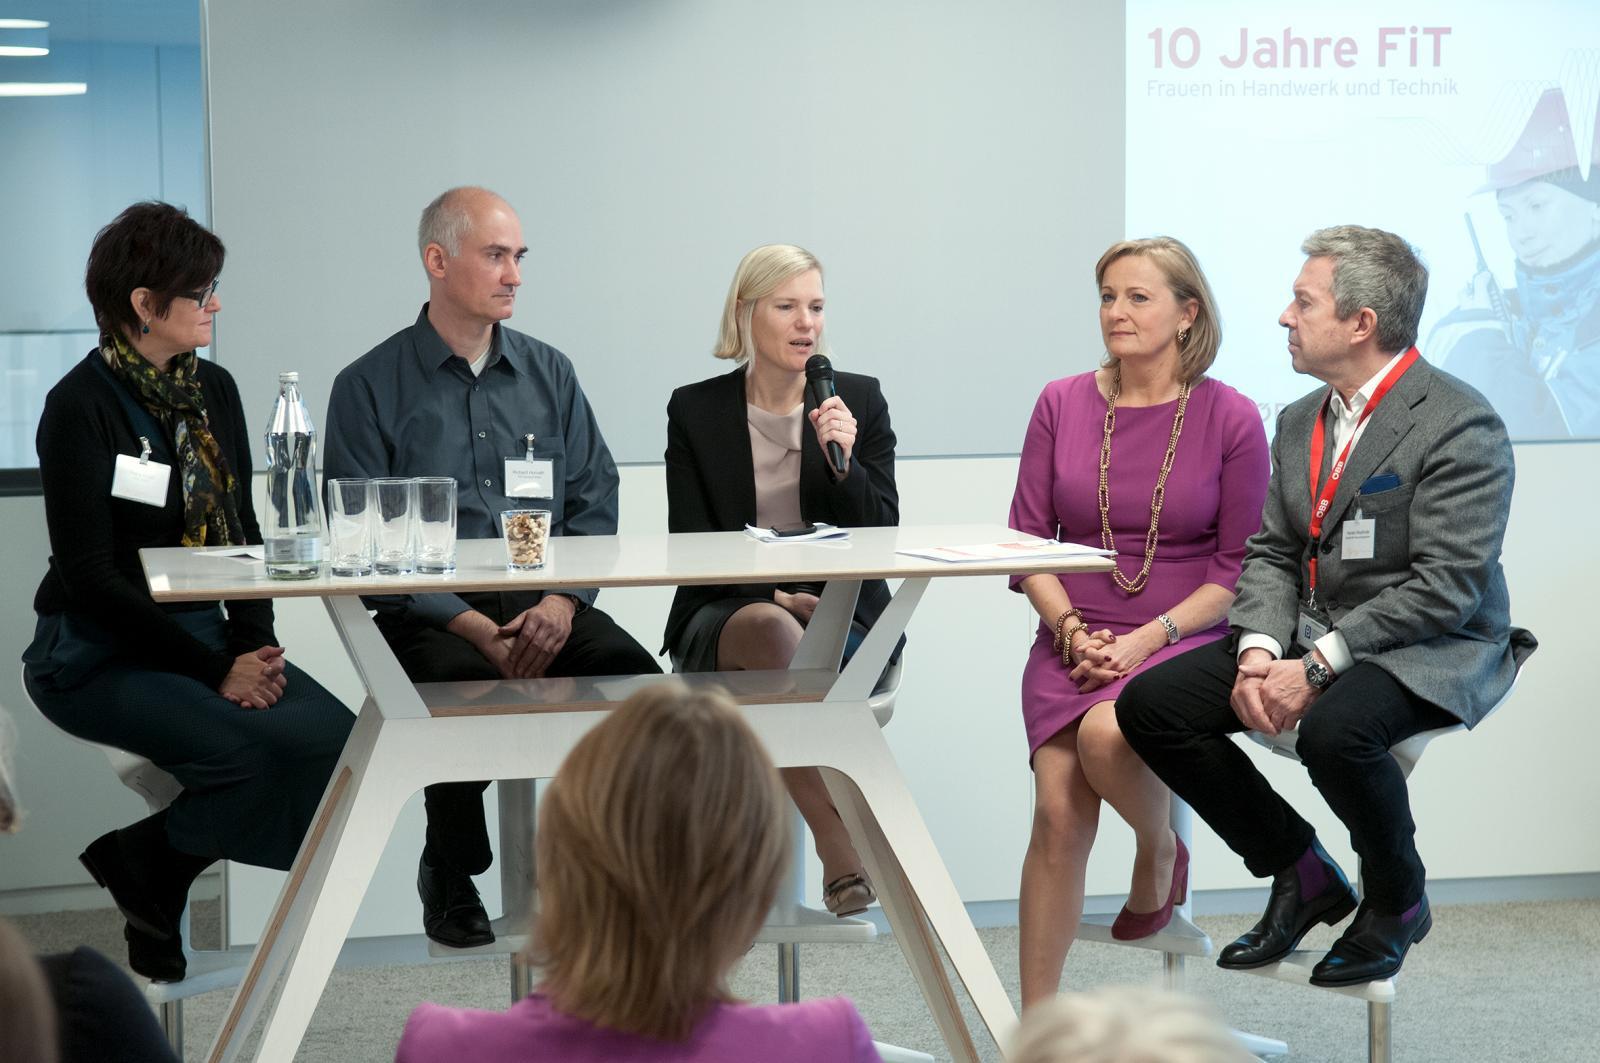 Handwerk Und Technik  10 Jahre FiT Frauen in Handwerk und Technik